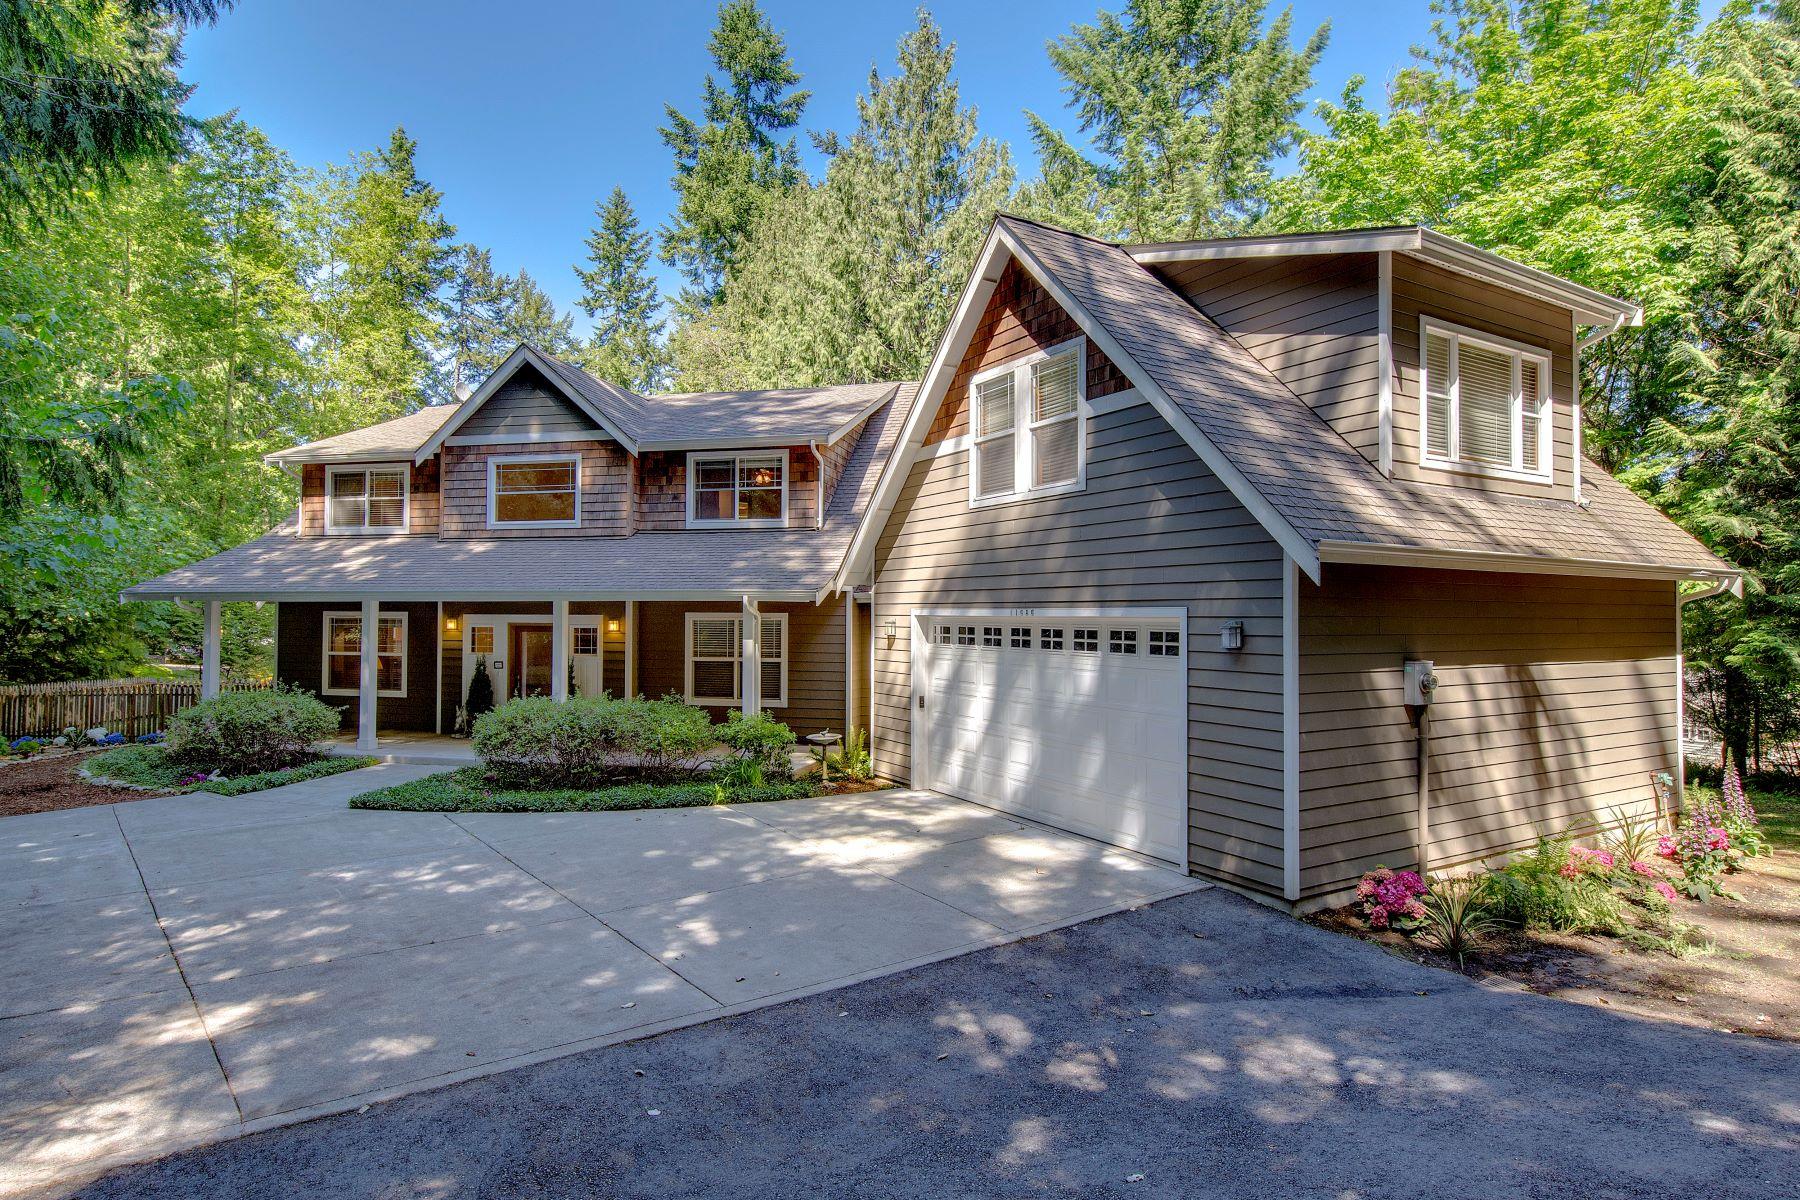 独户住宅 为 销售 在 Quintessential Bainbridge Home 11686 Olympic Terrace Ave NE 班布里奇岛, 华盛顿州, 98110 美国